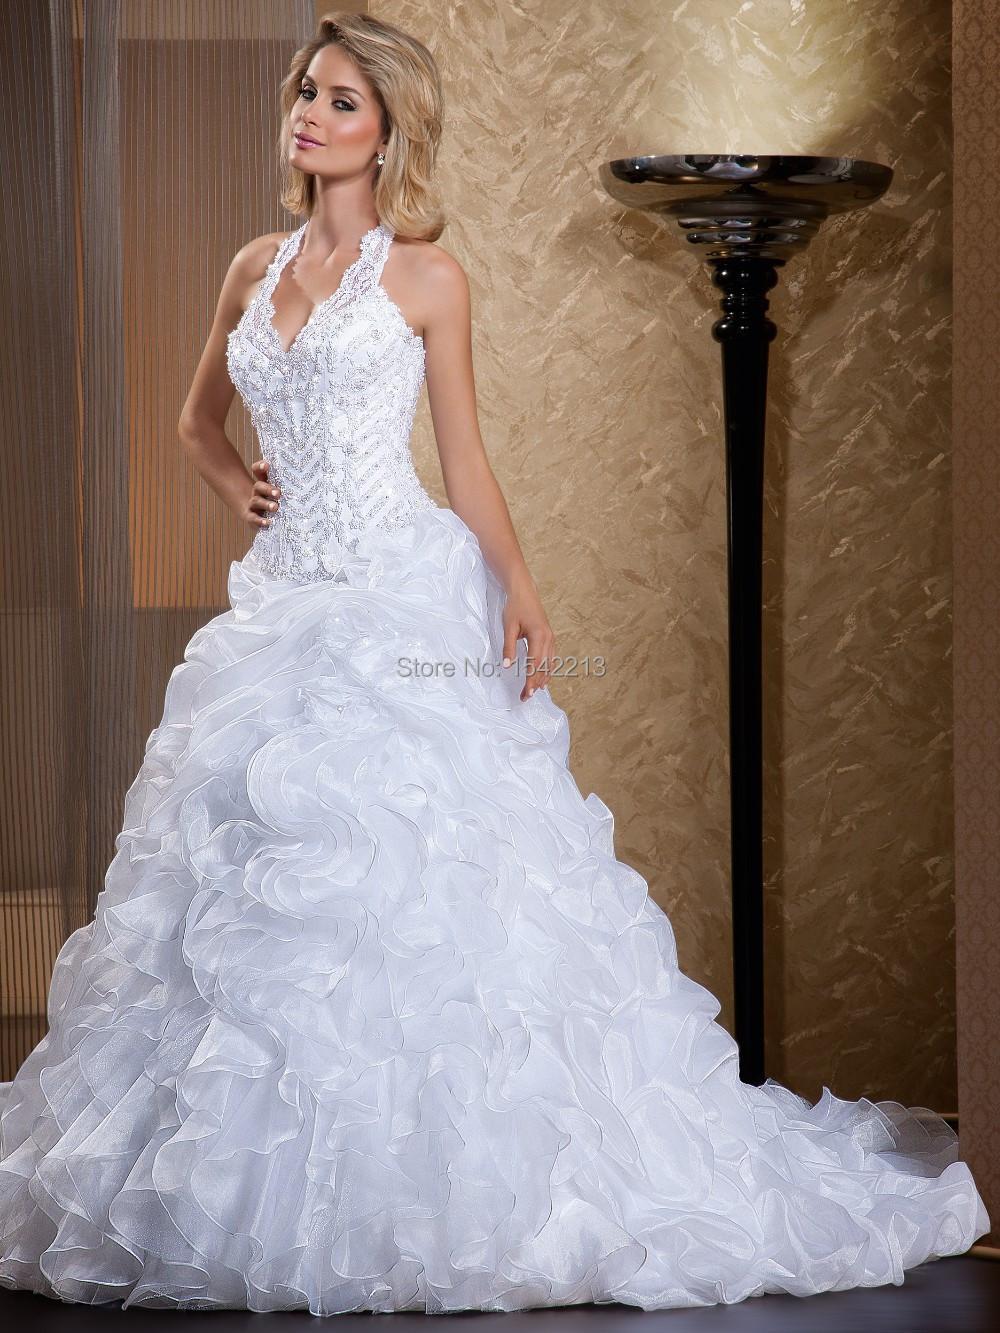 Online Get Cheap Selling Wedding Dresses Online Aliexpresscom